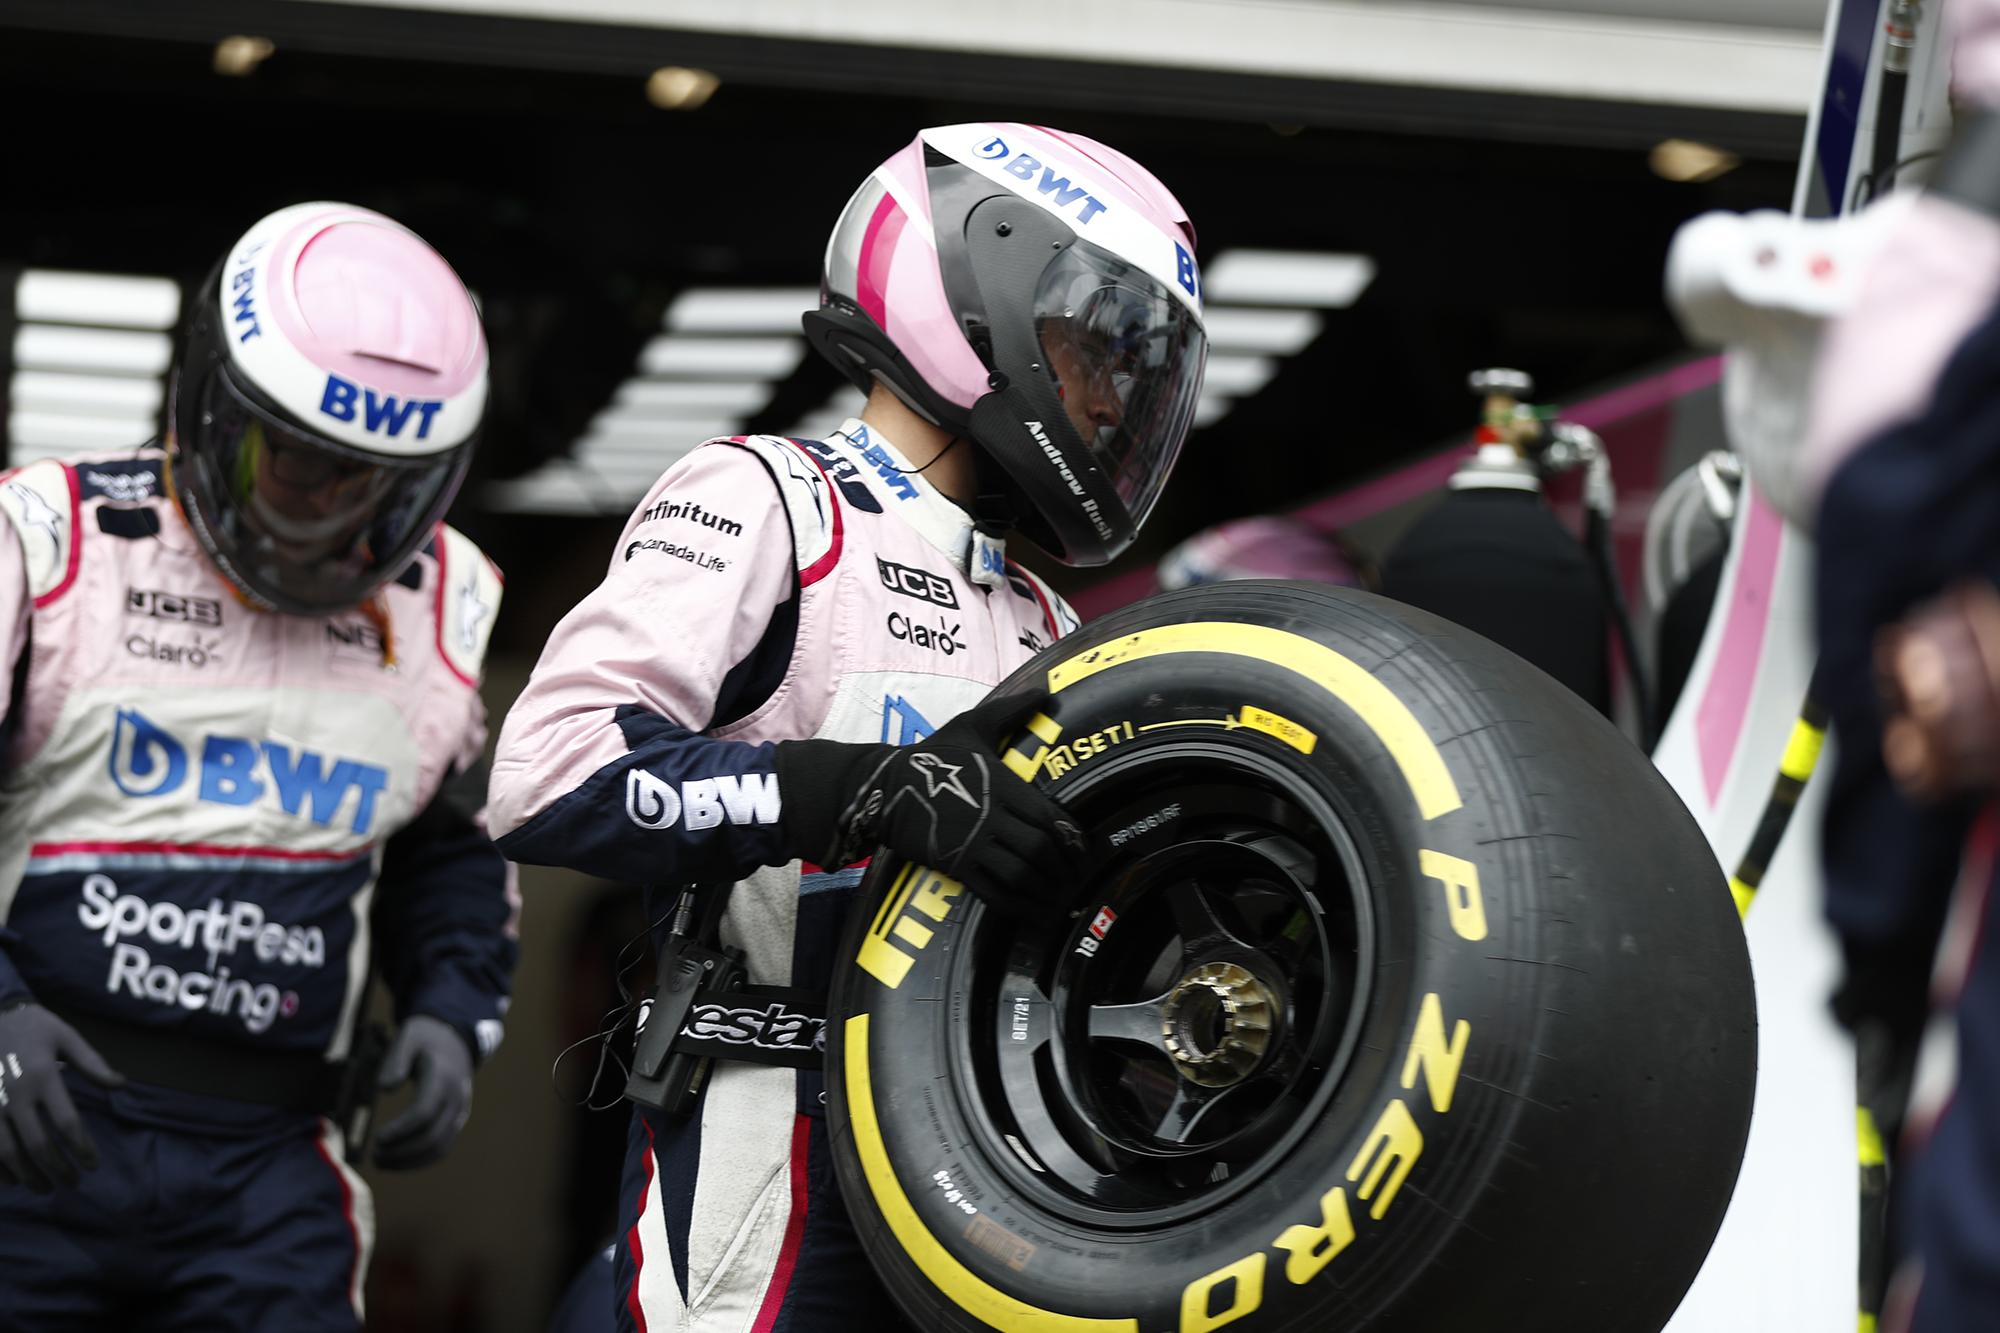 Με τα βλέμματα στραμμένα στο Βέλγιο και τον ευμετάβλητο καιρό να παίζει καθοριστικό ρόλο στον αγώνα της F1